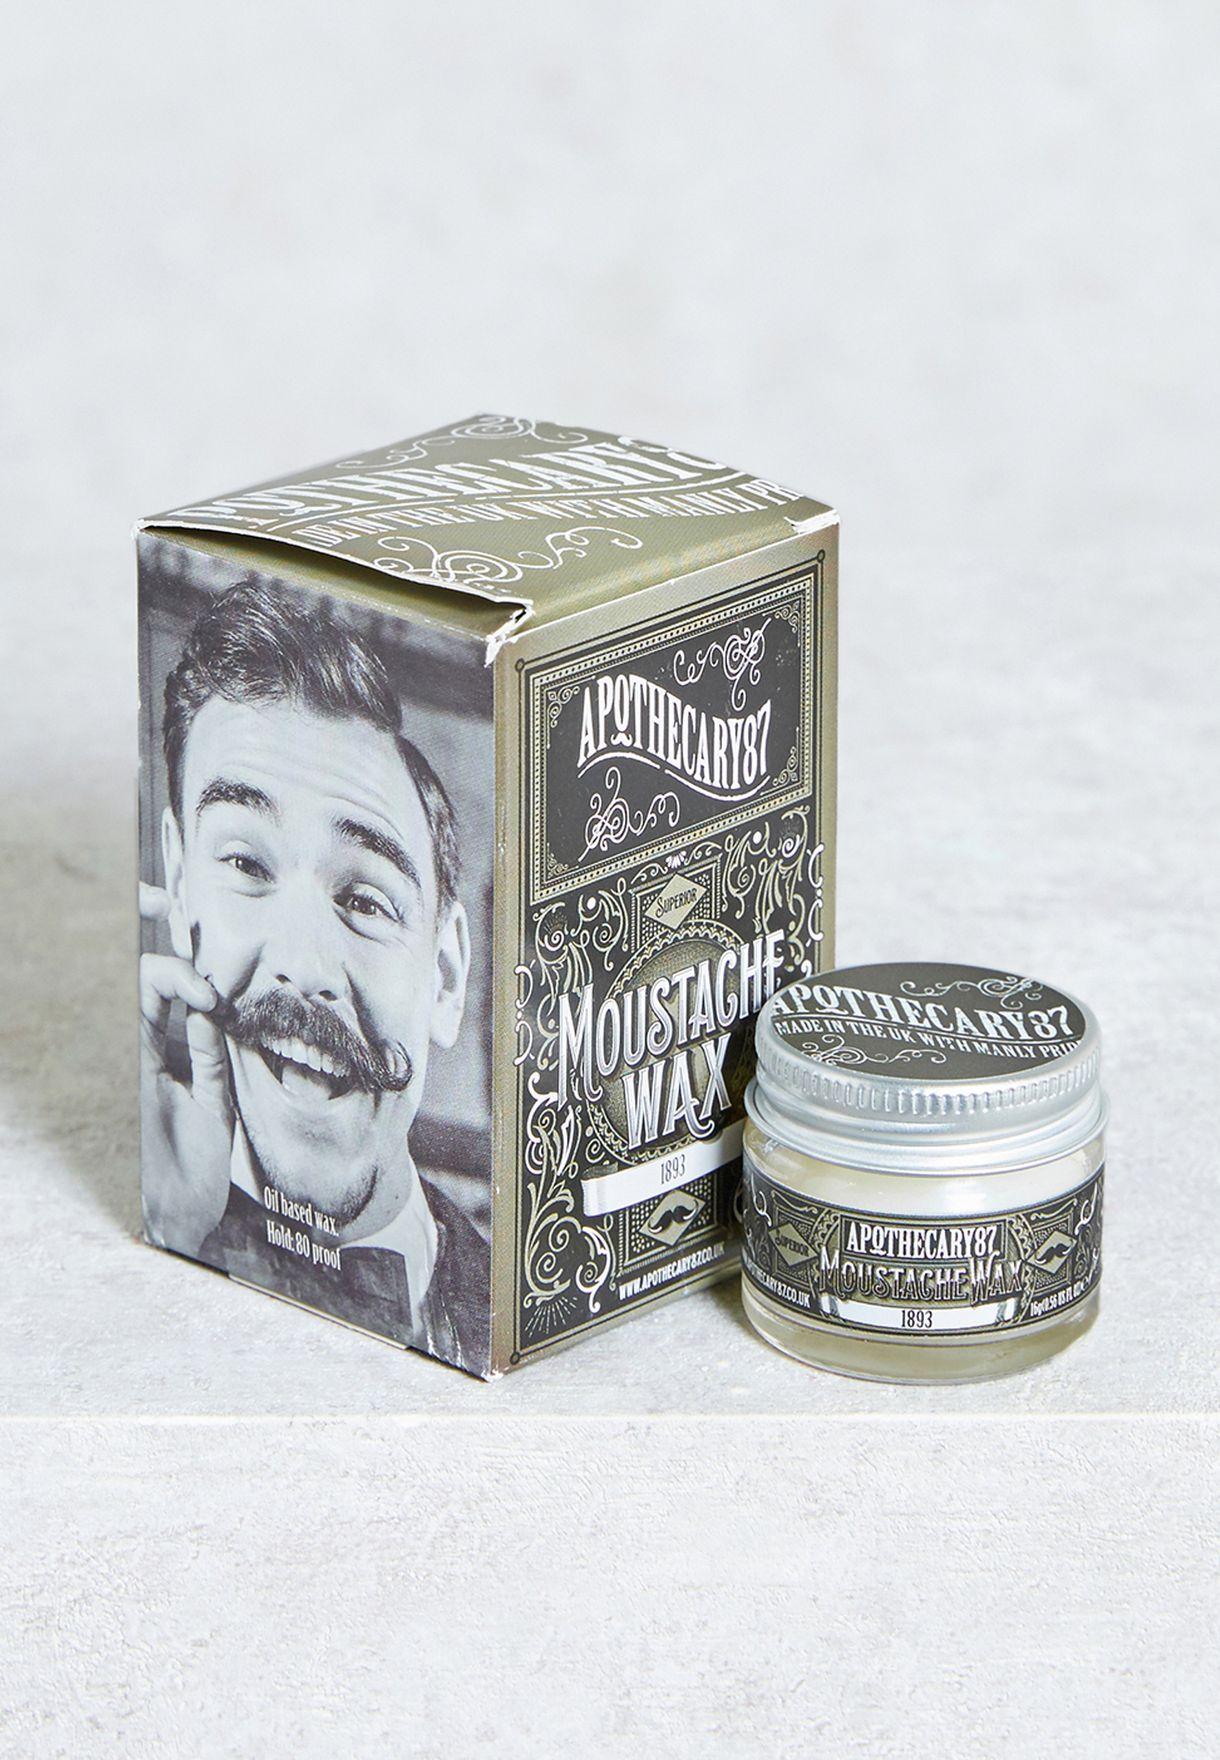 Moustache Wax - An 1893 Fragrance